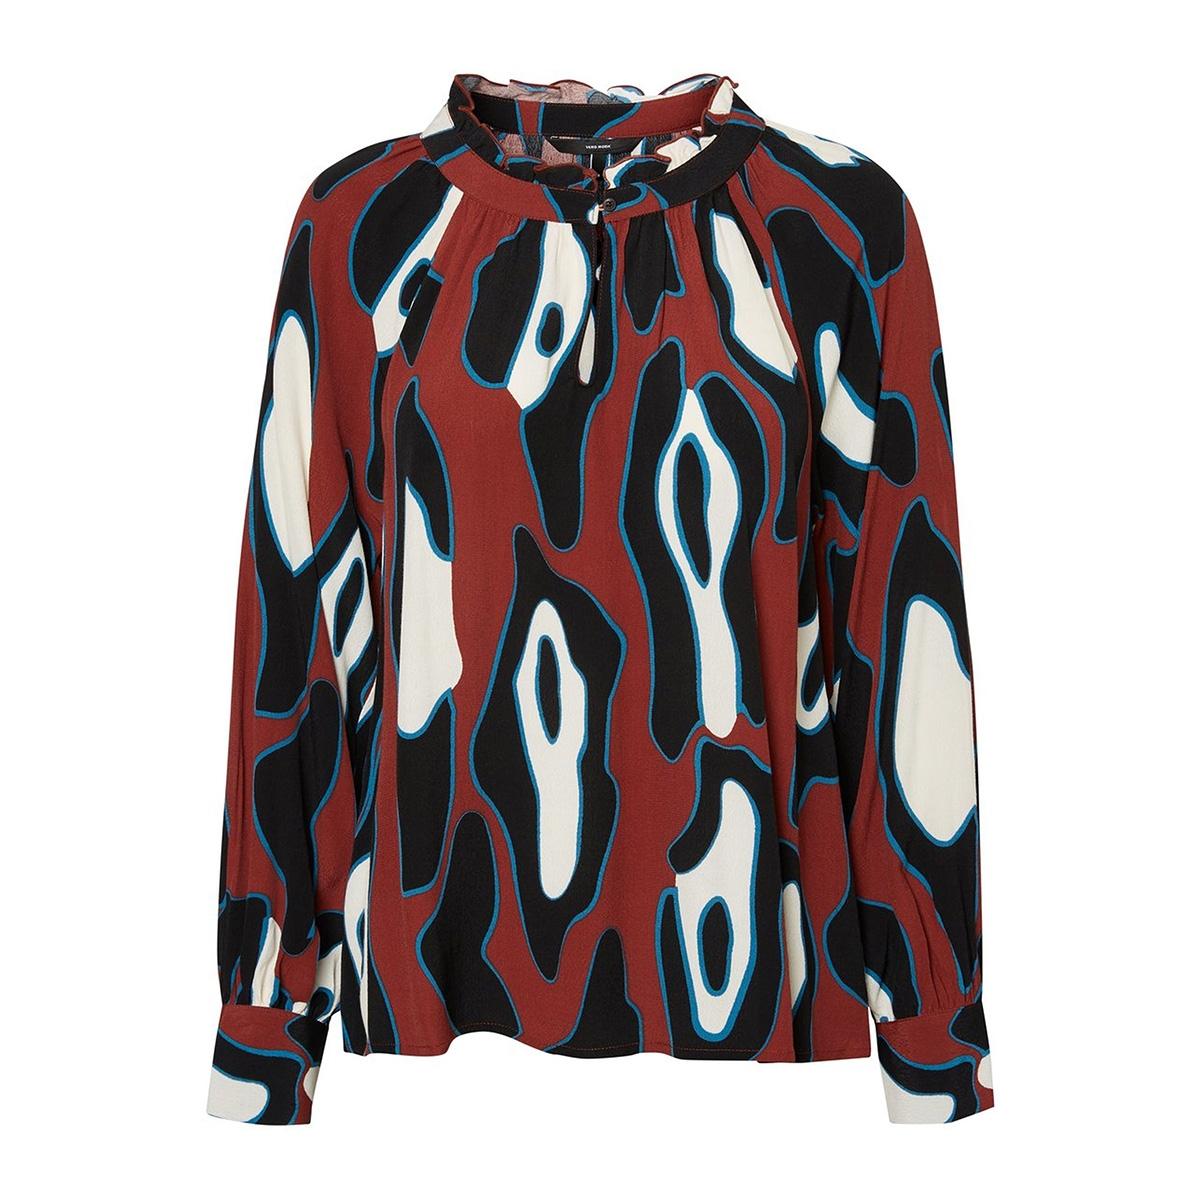 vmisla l/s top fd18 10214917 vero moda blouse henna/leonora